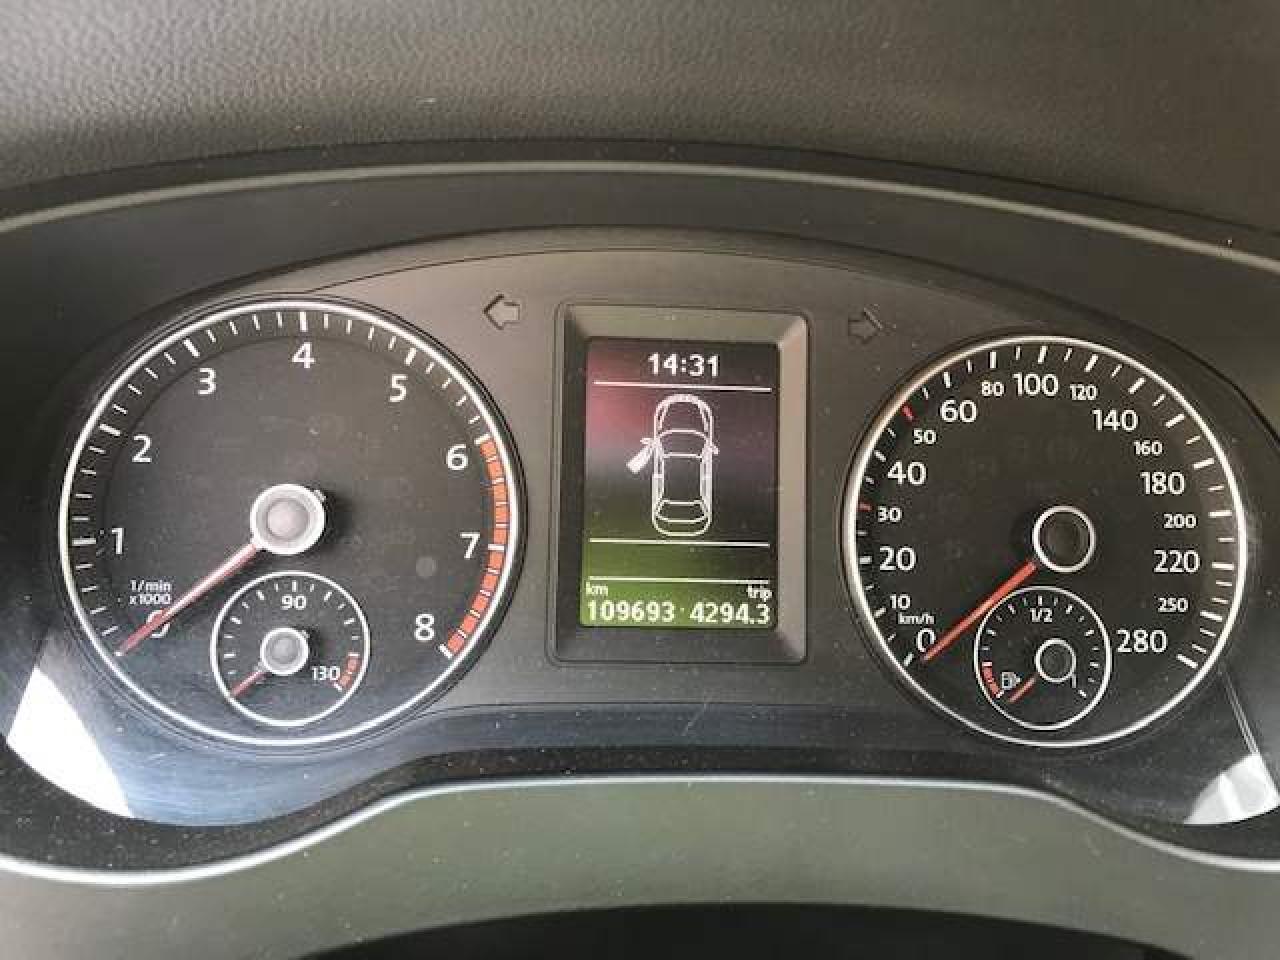 Jetta 2.0 4P TSI HIGHLINE 211 CV AUTOMÁTICO